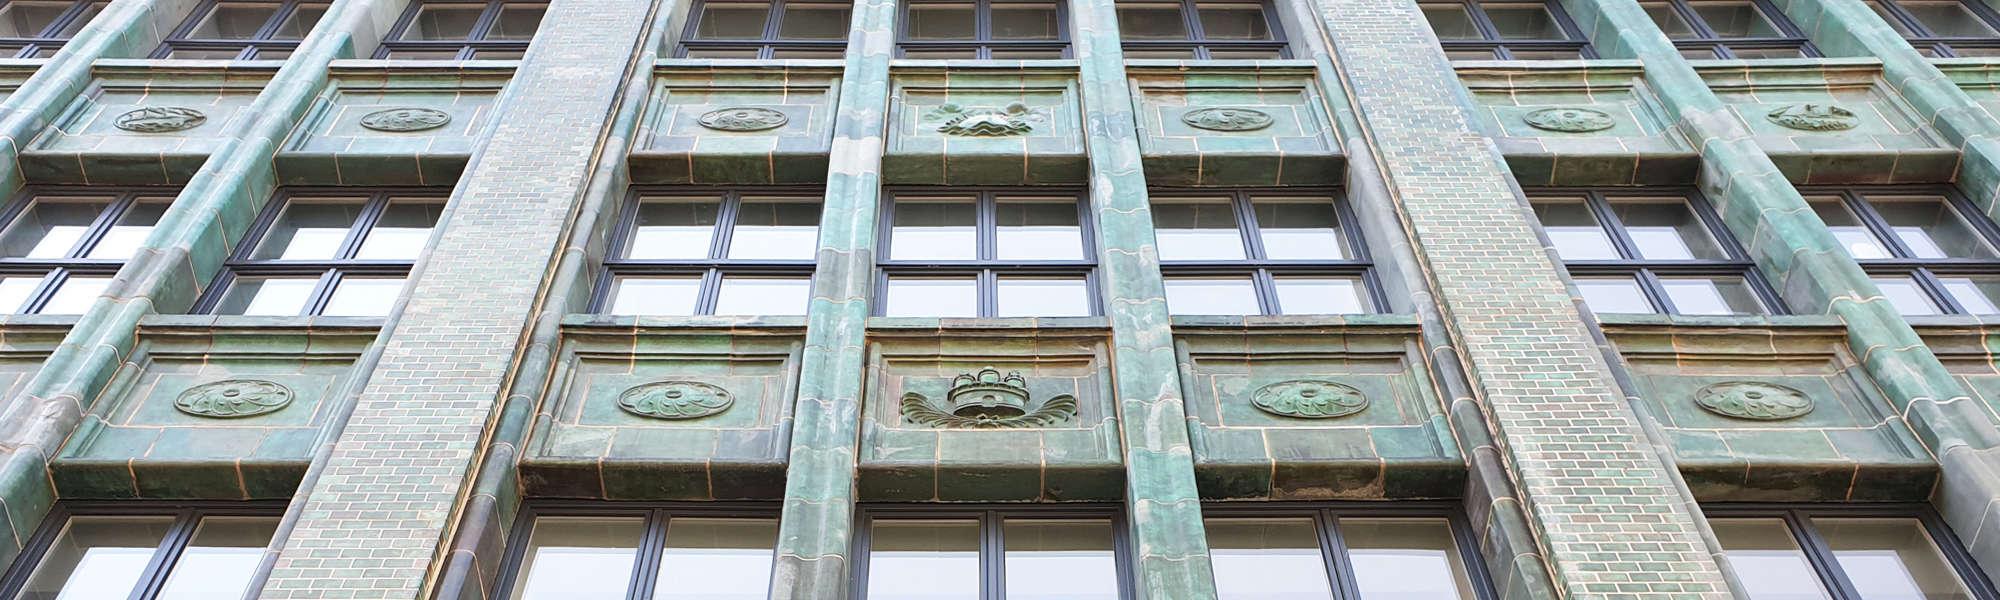 Historisches Kontorhaus in der Altstadt Hamburgs - Foto: FOLLOW ME Hamburg